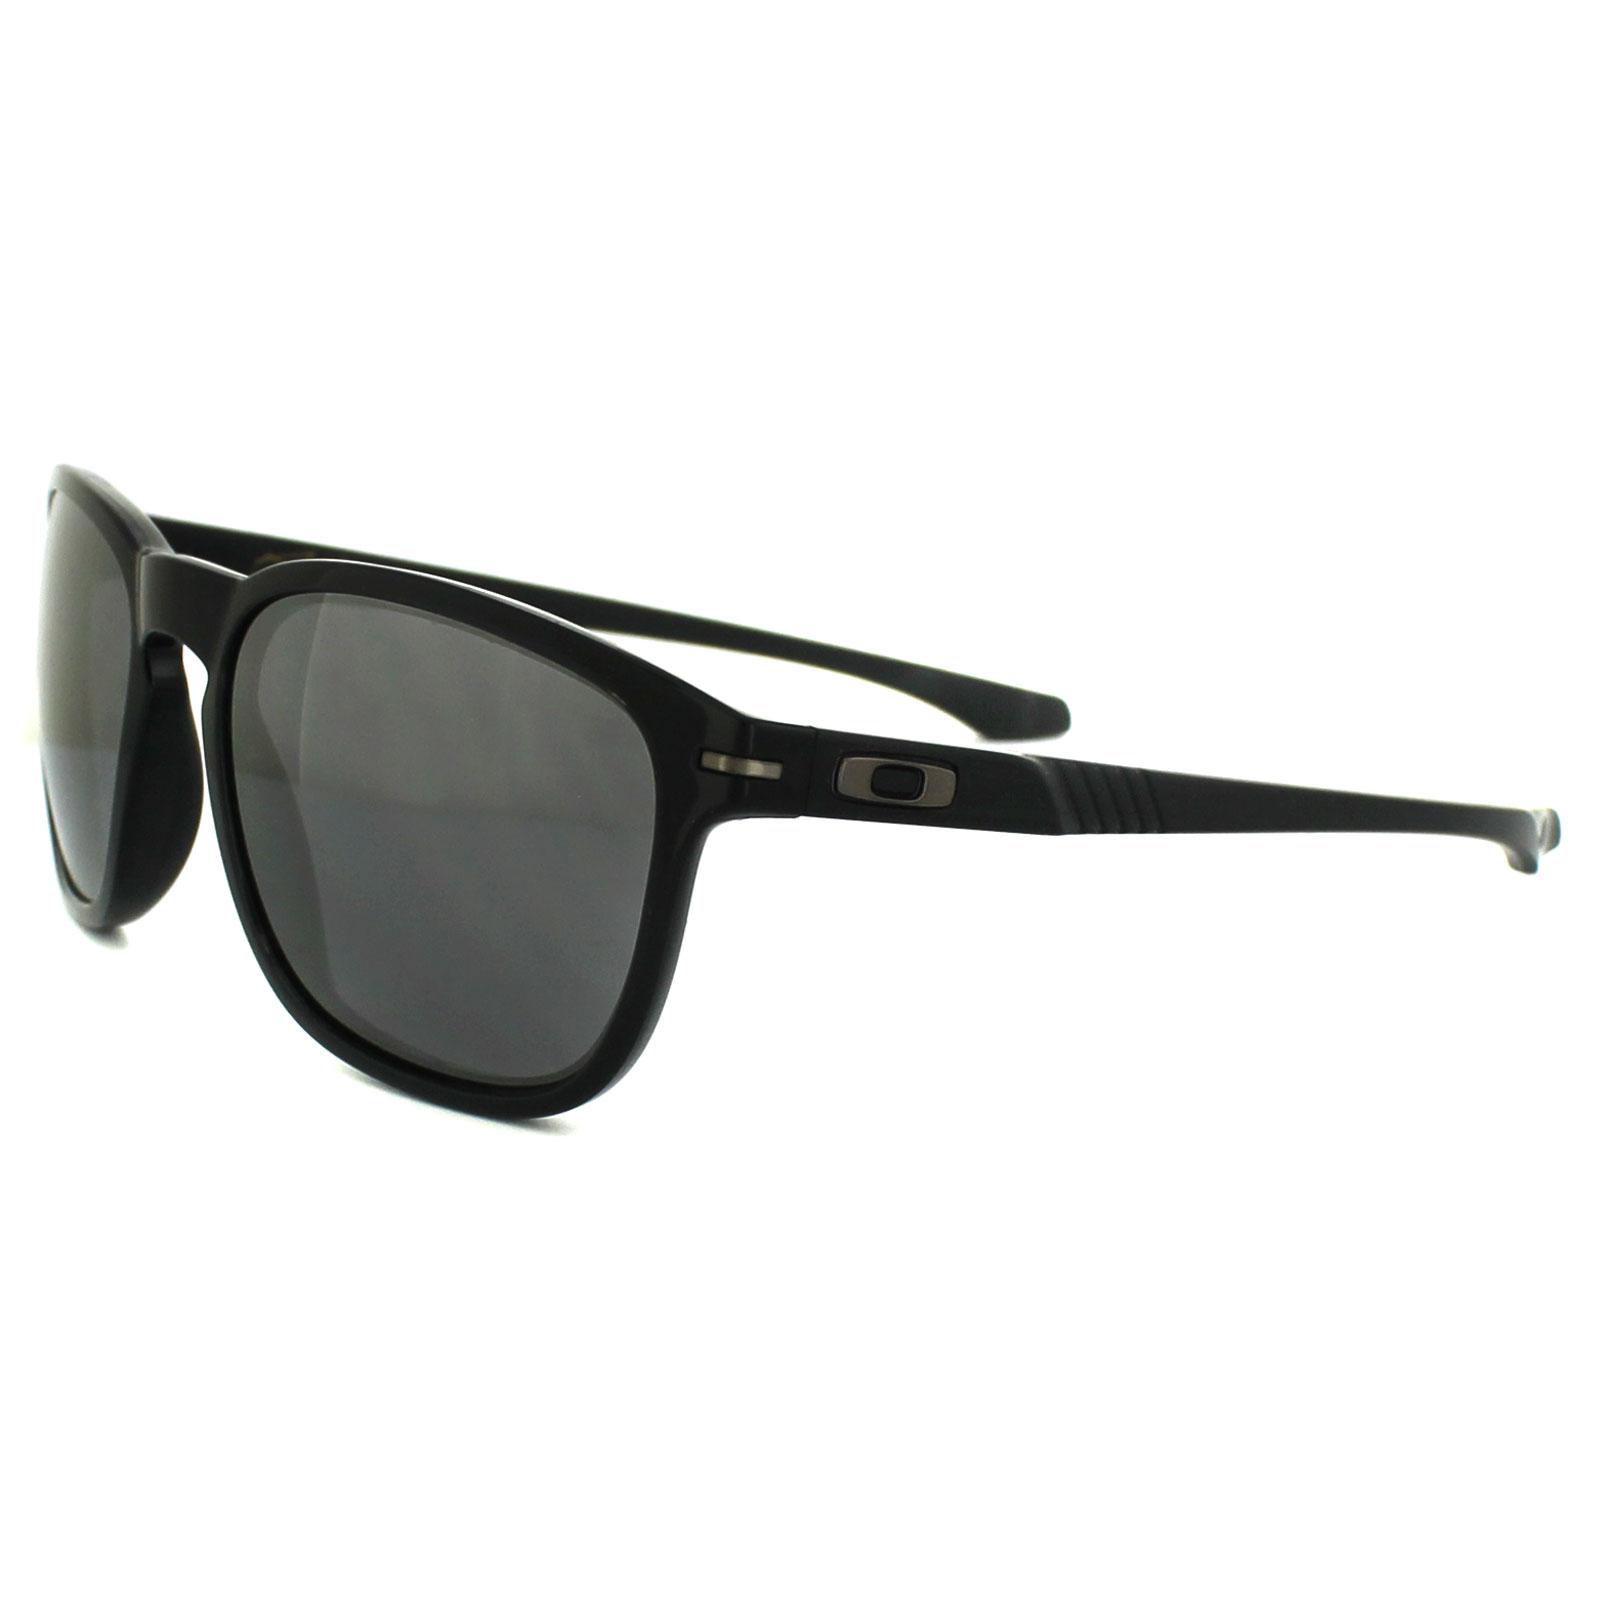 ce50b1b64eaaa Sentinel Oakley Sunglasses Enduro OO9223-03 Black Ink Black Iridium